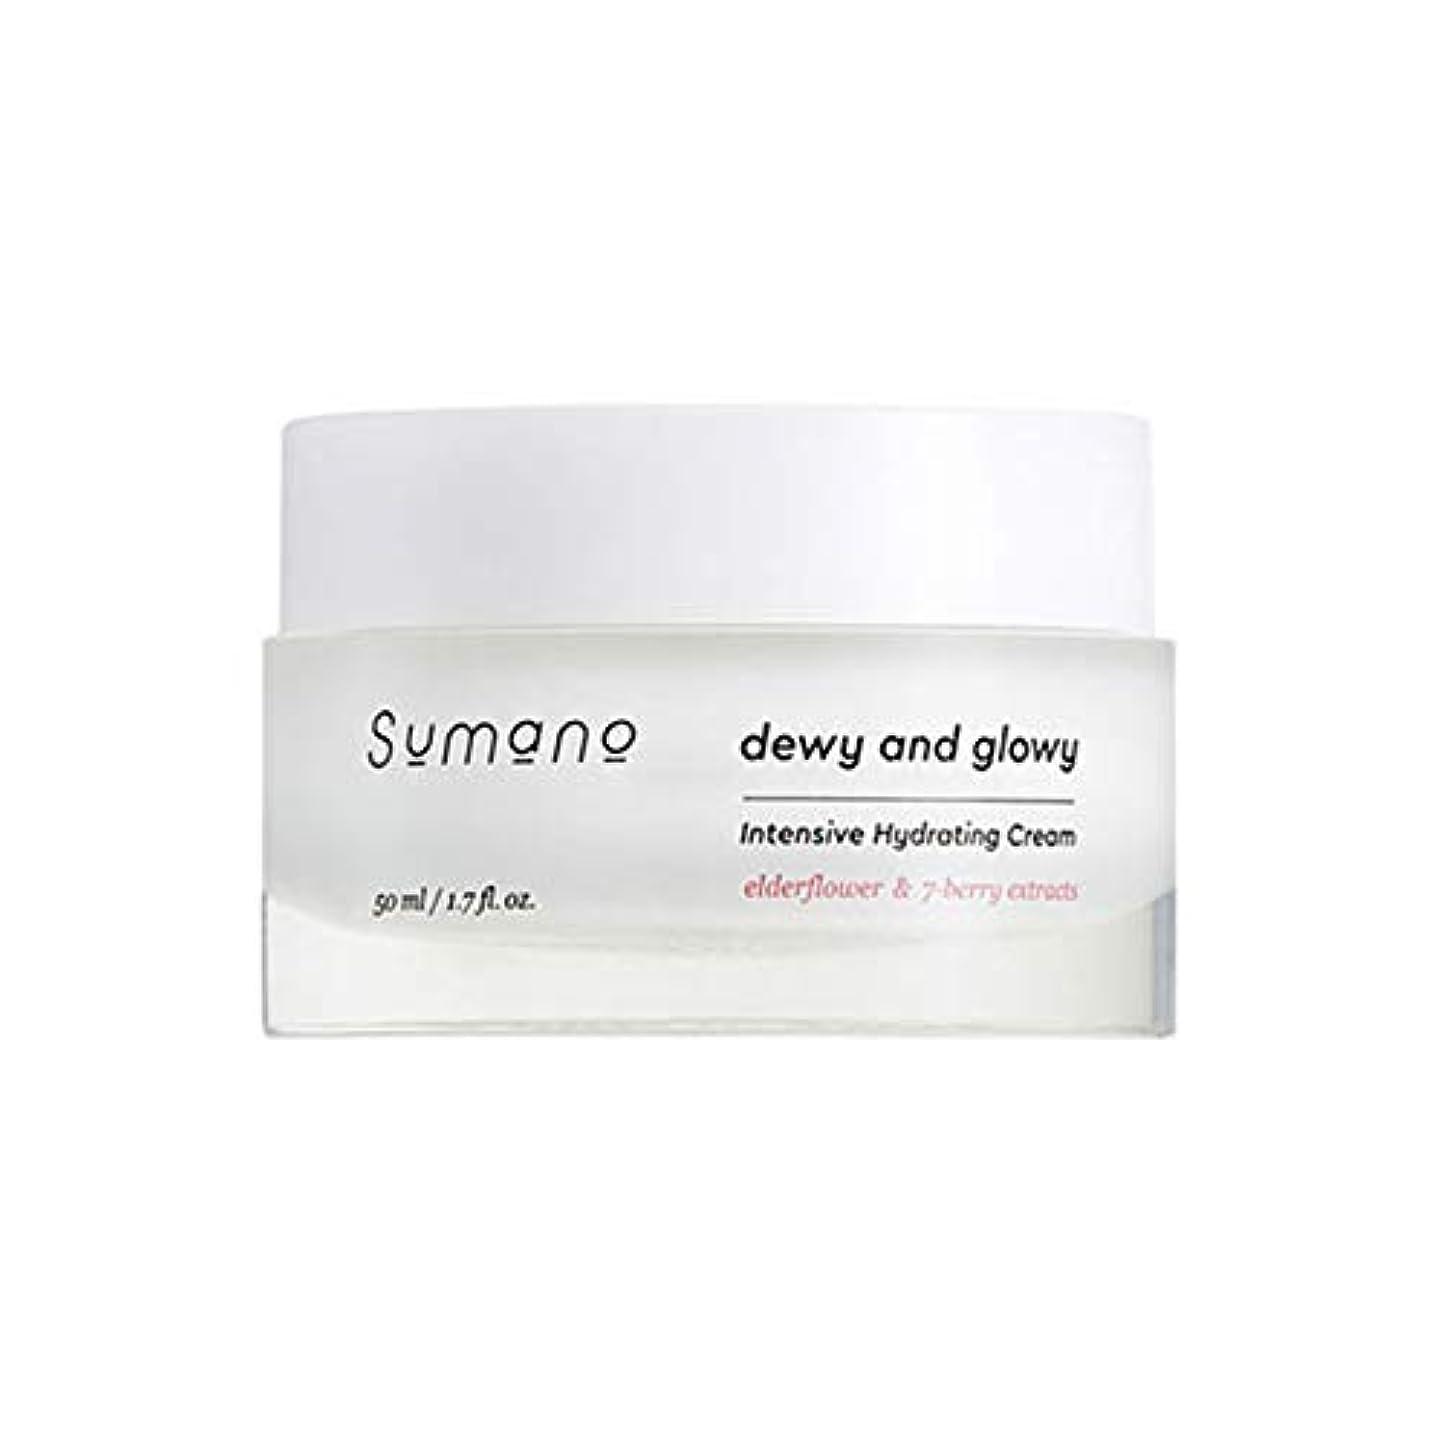 そっと音楽を聴く折[SUMANO/スマノ] Sumano Intensive Hydrating Cream/インテンシブクリーム Skingarden/スキンガーデン